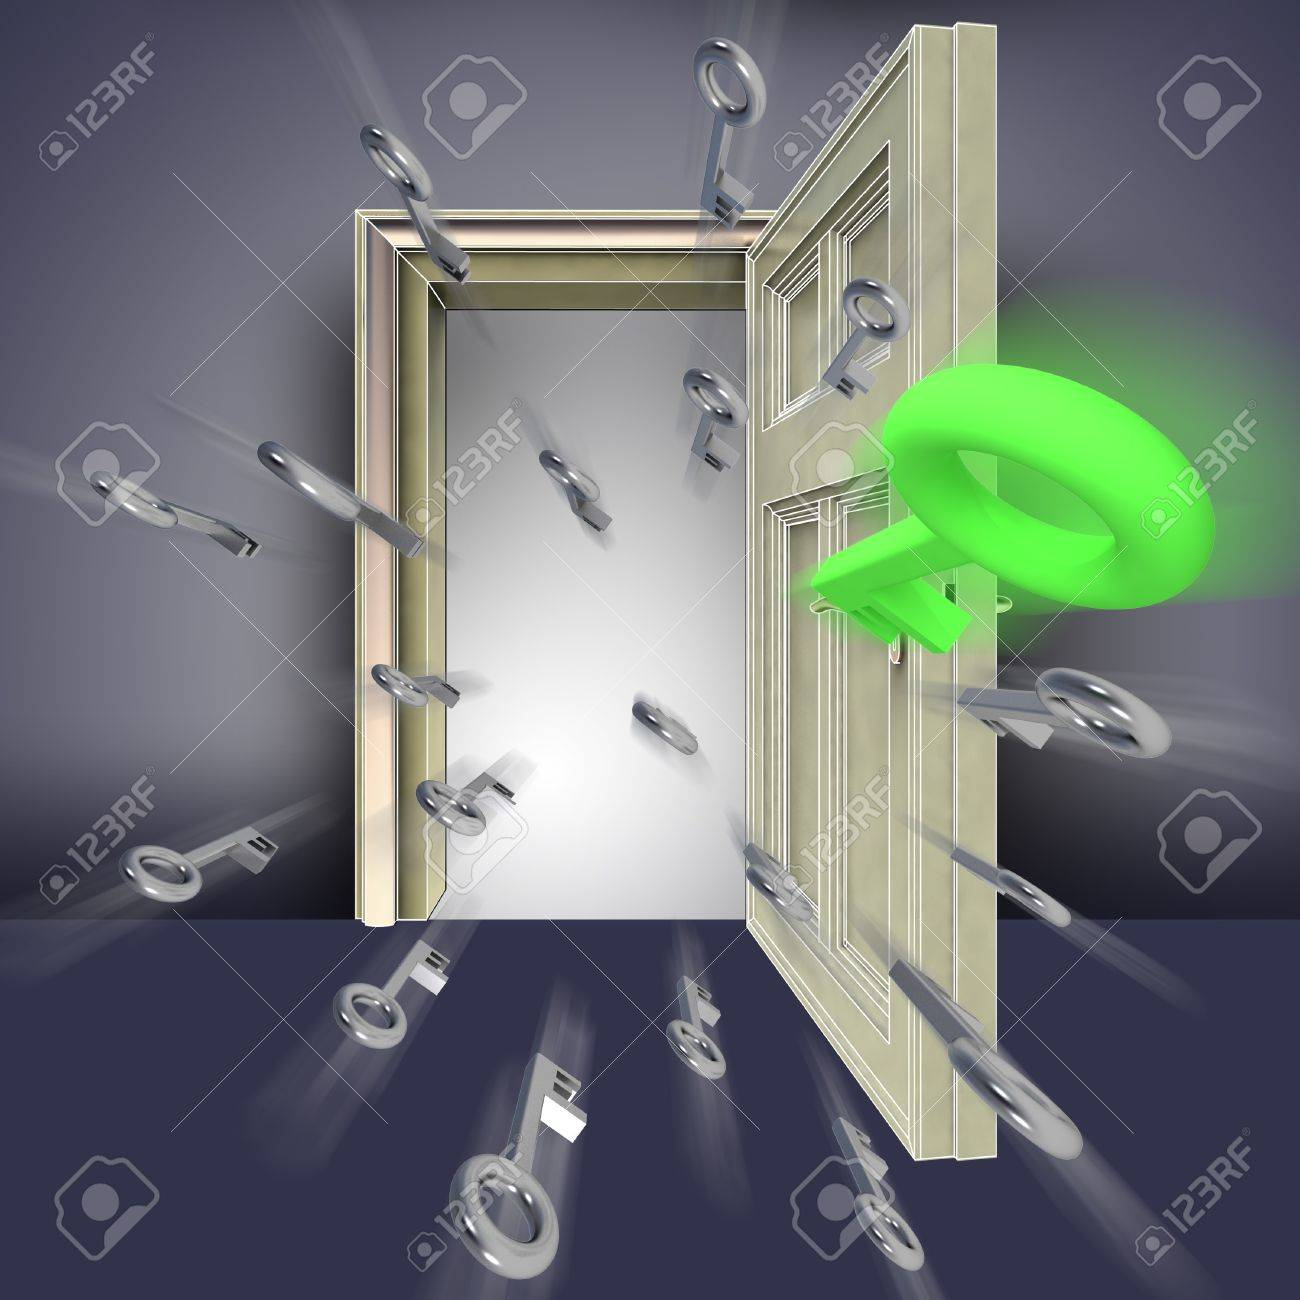 flying metallic keys opening door abstract blue concept illustration Stock Illustration - 15935917